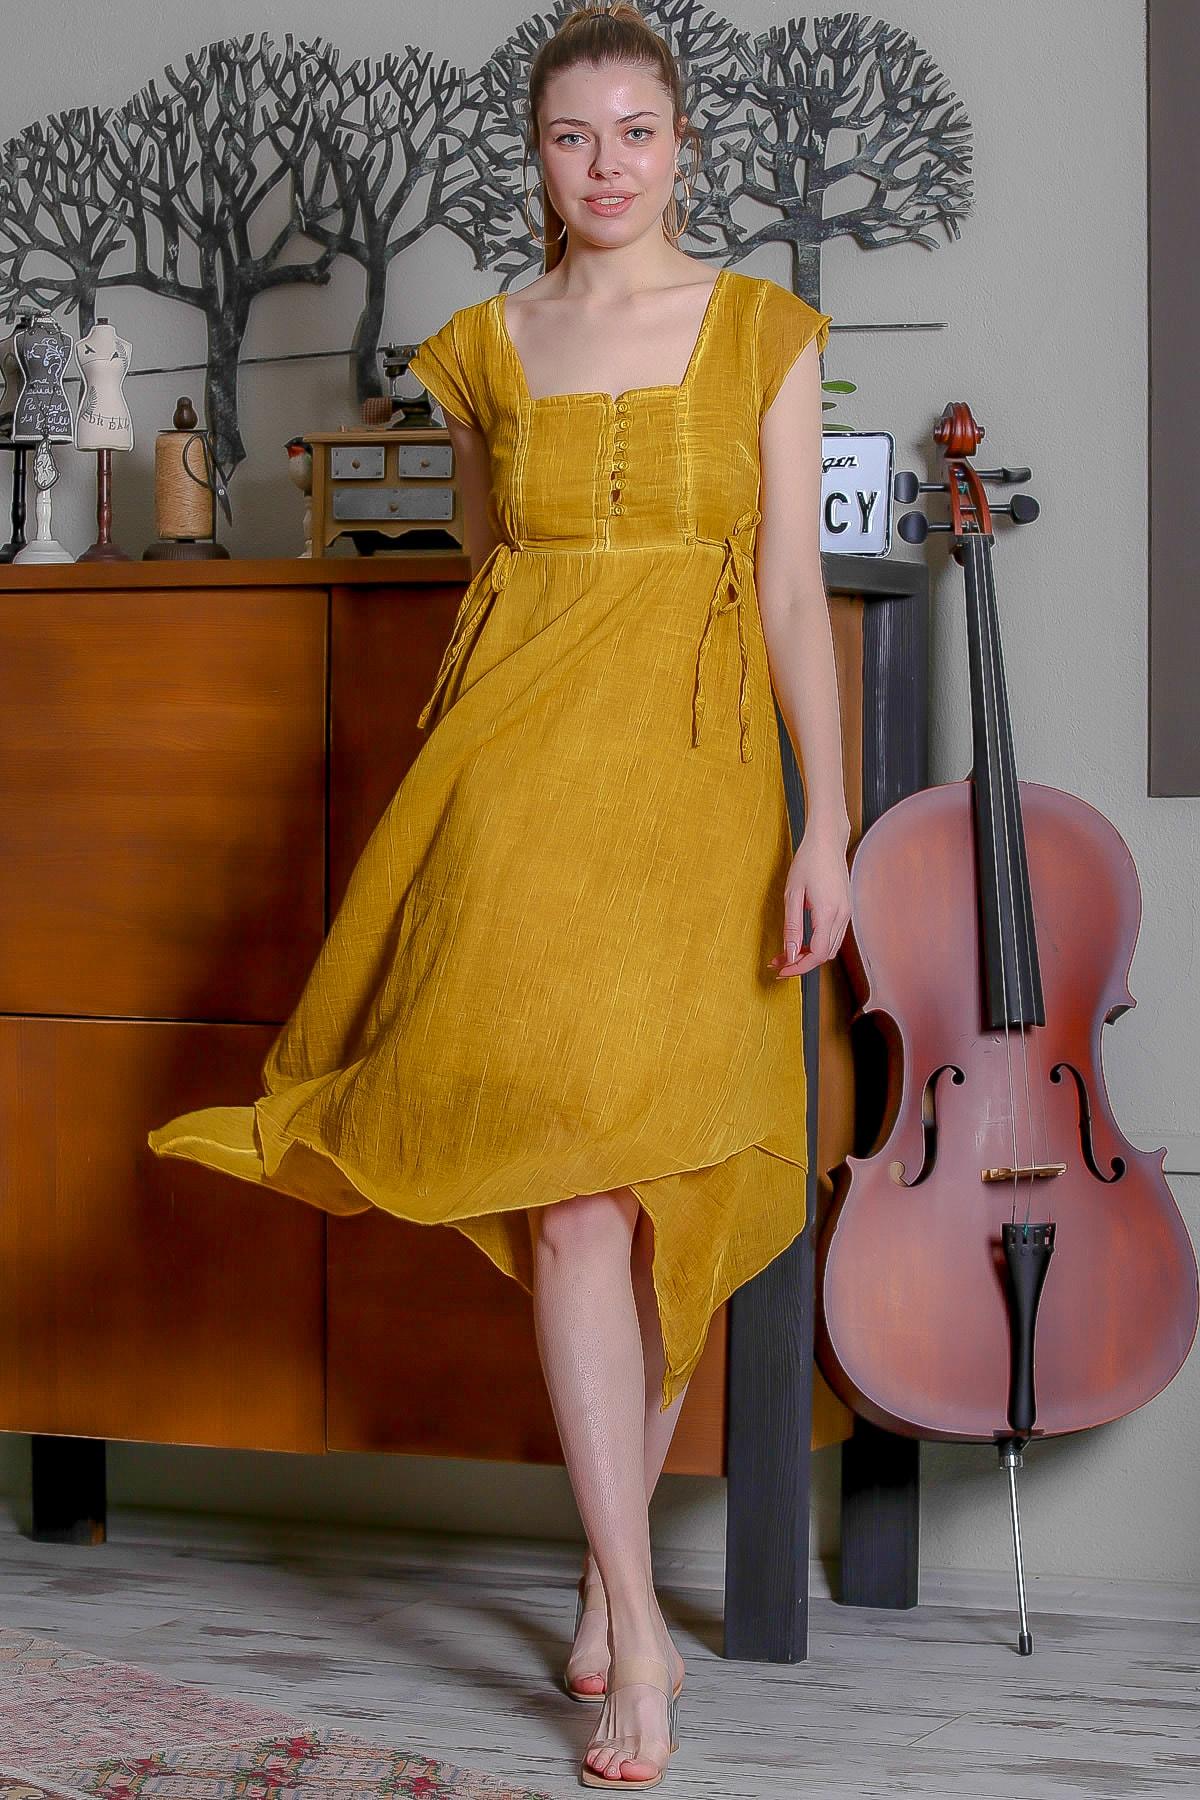 Chiccy Kadın Hardal Kare Yaka Düğme Detaylı Yanı Bağlamalı Asimetrik Yıkamalı Elbise M10160000EL95344 3